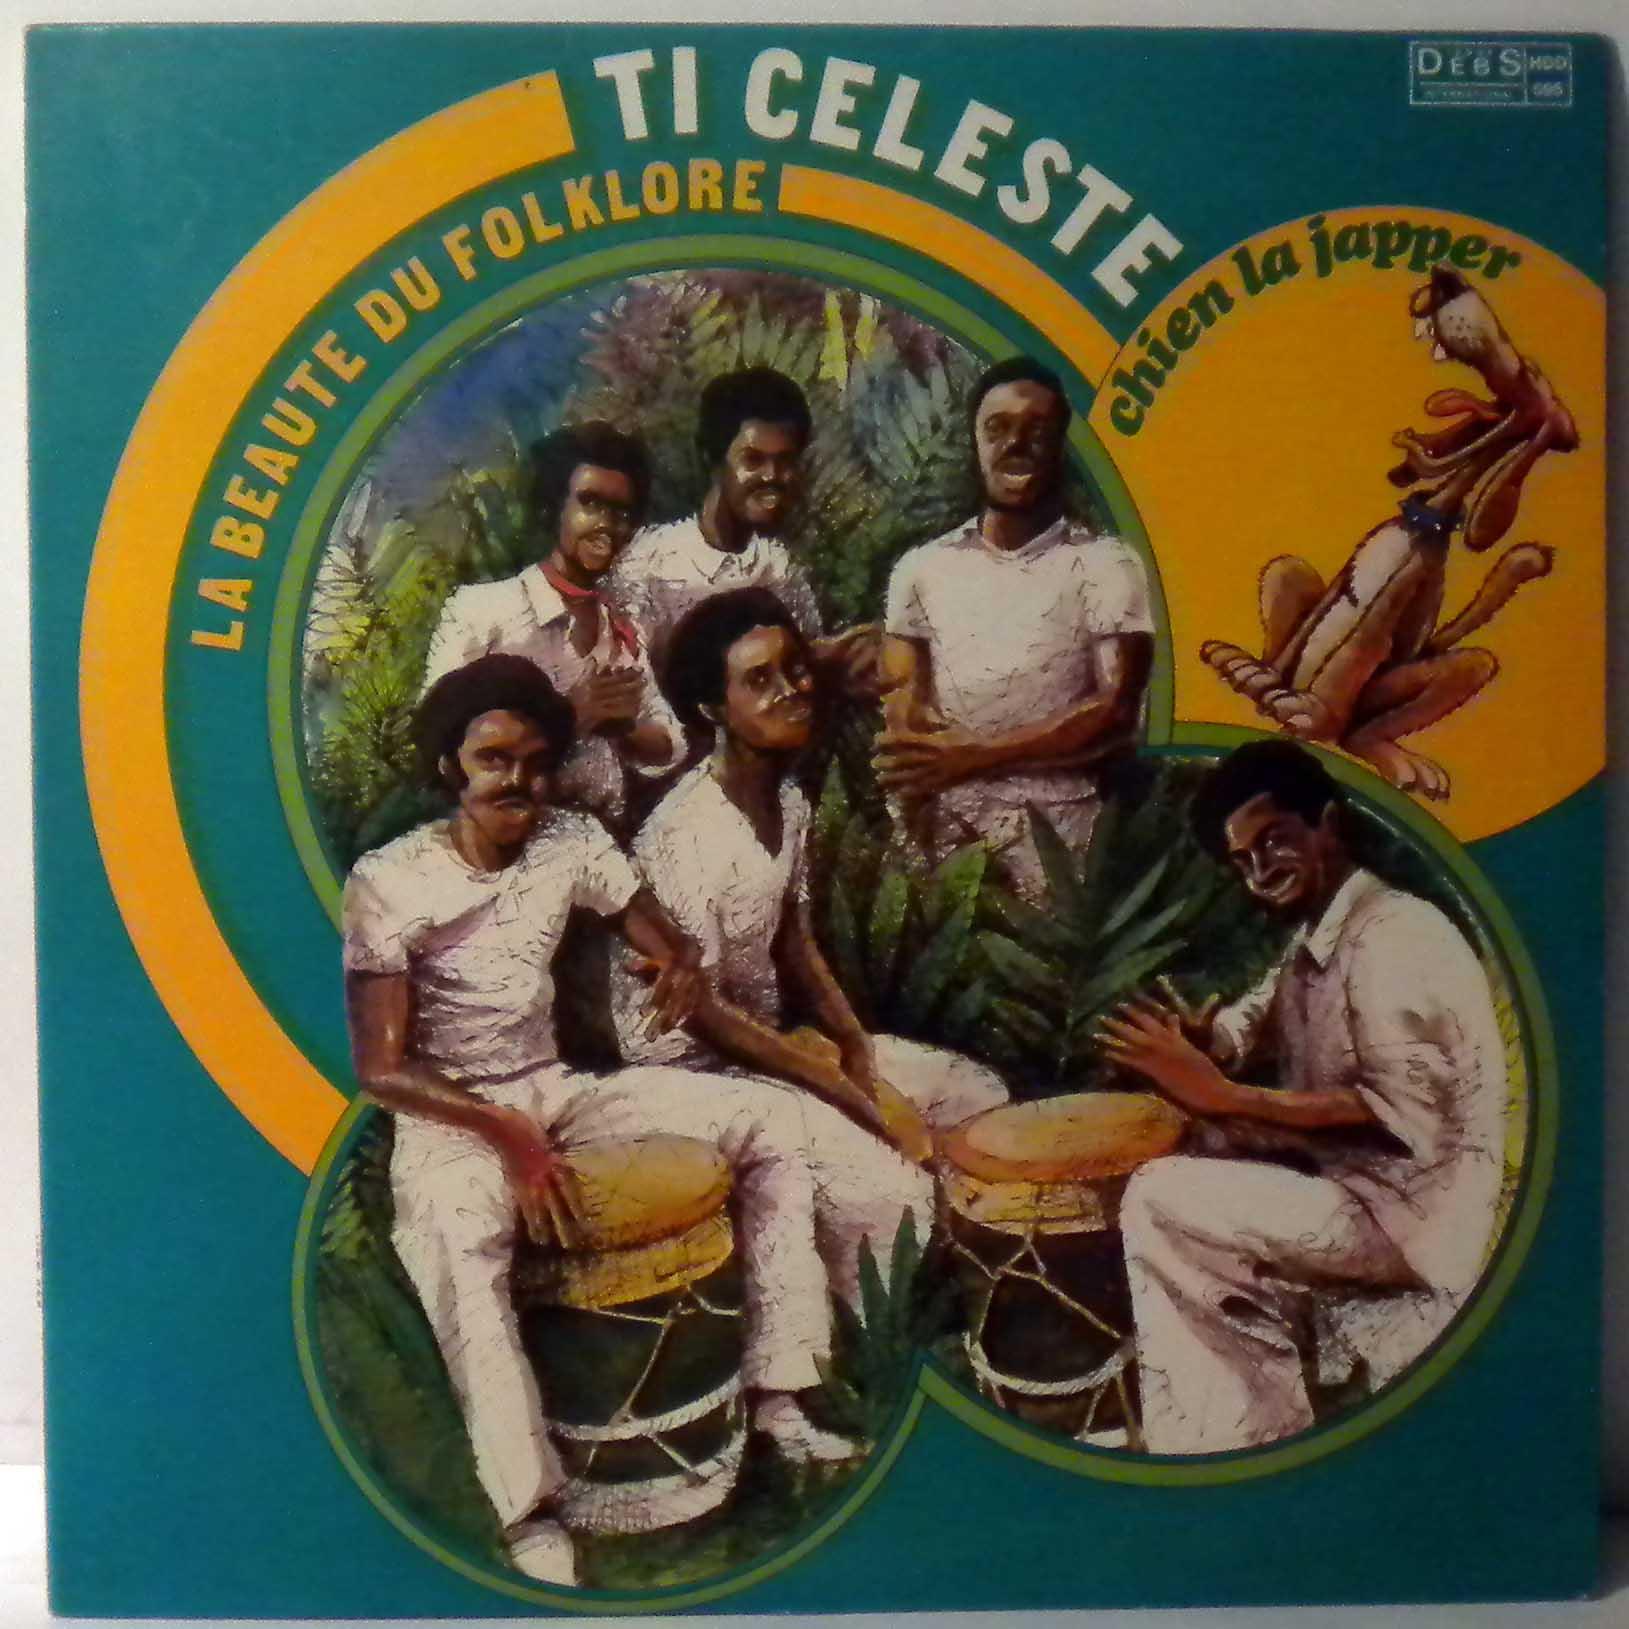 TI CELESTE - Chien La Japper - LP